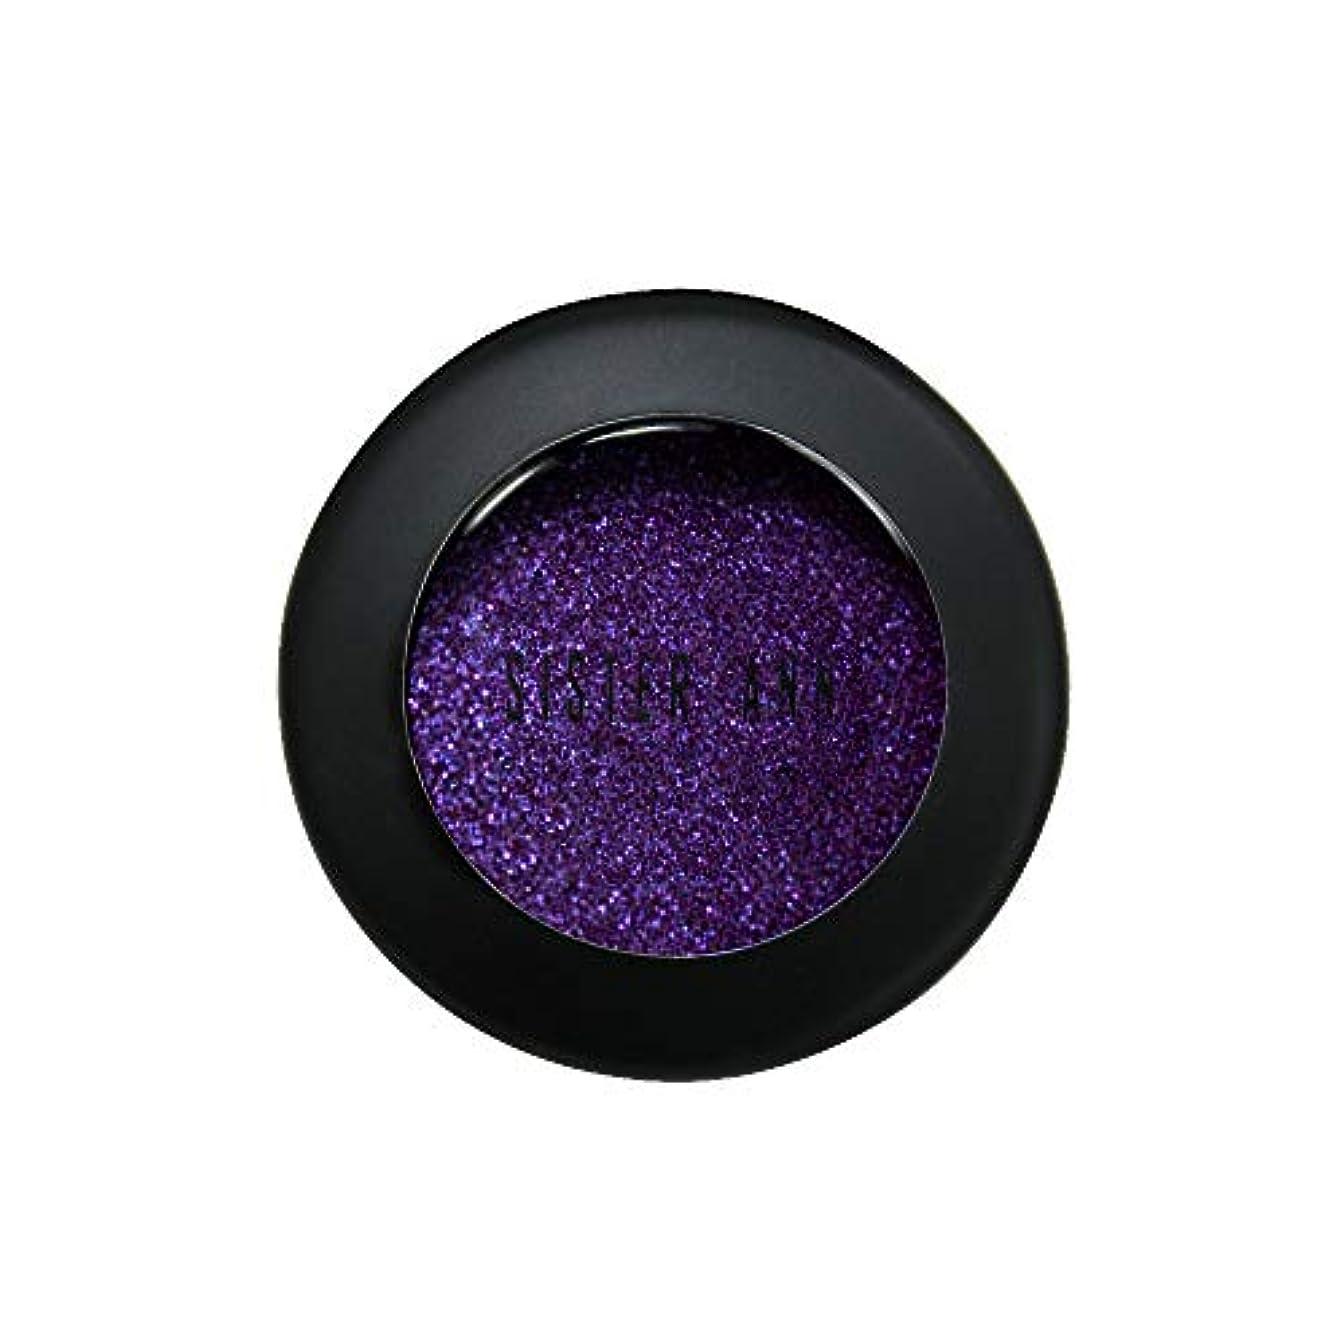 冒険家シャンパン薄暗い[SISTER ANN] カラーシャインシャドウ (Signature Purple)